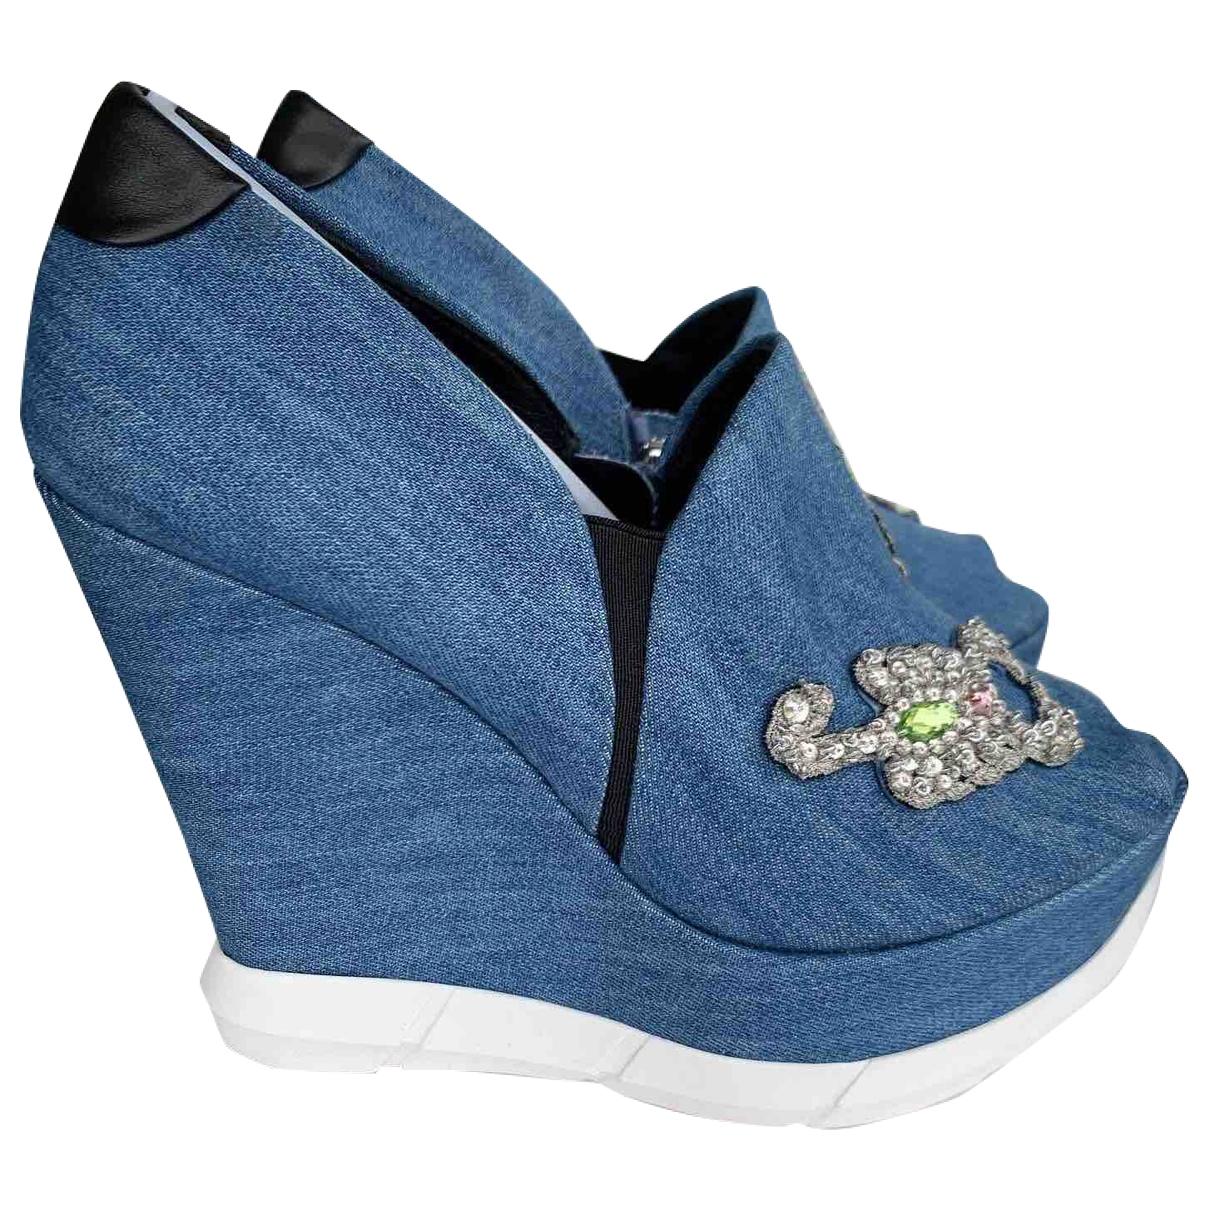 La Perla - Escarpins   pour femme en toile - bleu